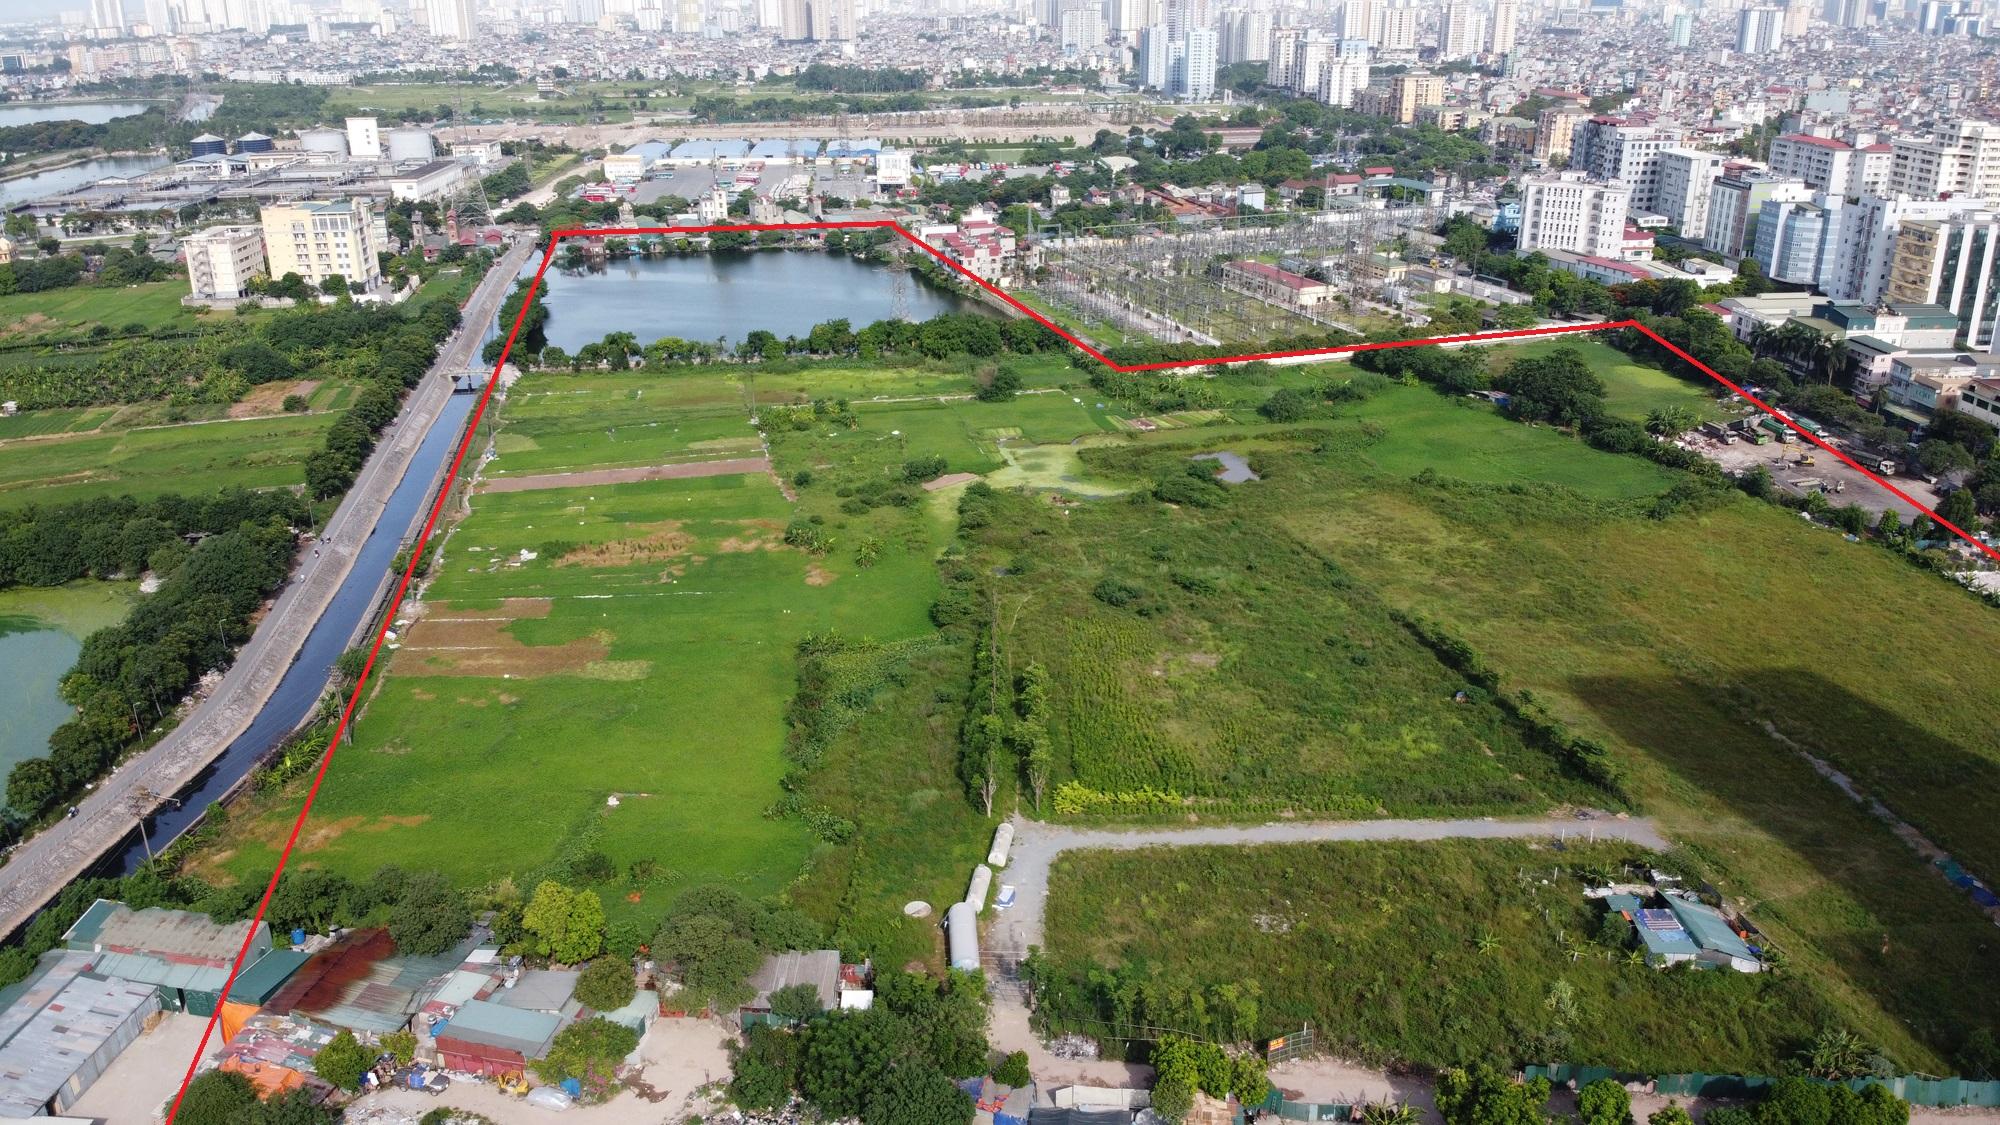 Những mảnh đất sẽ được đào hồ lớn theo qui hoạch ở quận Hoàng Mai - Ảnh 4.